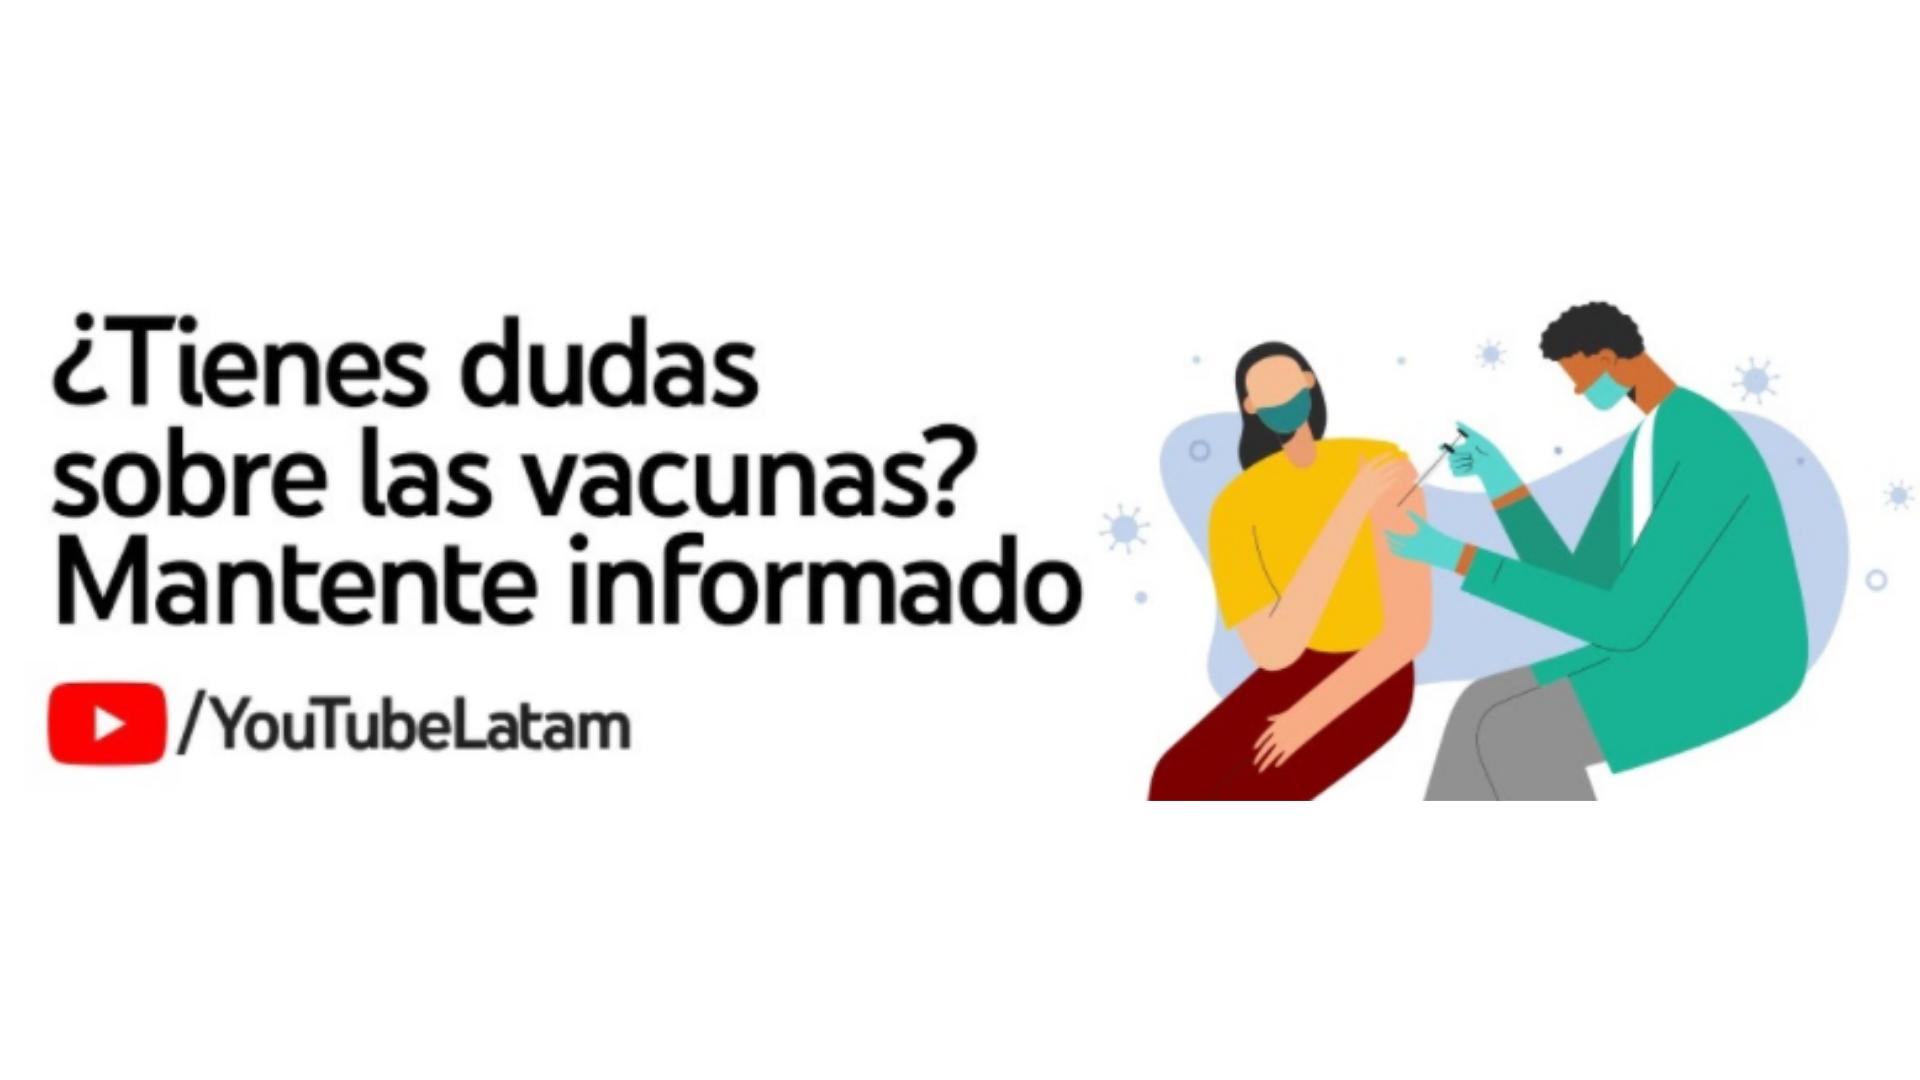 Como parte de la iniciativa global Get the facts, de Google y YouTube, en México se lanzaron cinco listas de reproducción, disponibles en YouTube Latinoamérica. Esto con el fin de dar visibilidad a la información brindada por expertos para combatir la pandemia. Acercando así información de especialistas en salud sobre las vacunas contra COVID-19 a las personas.